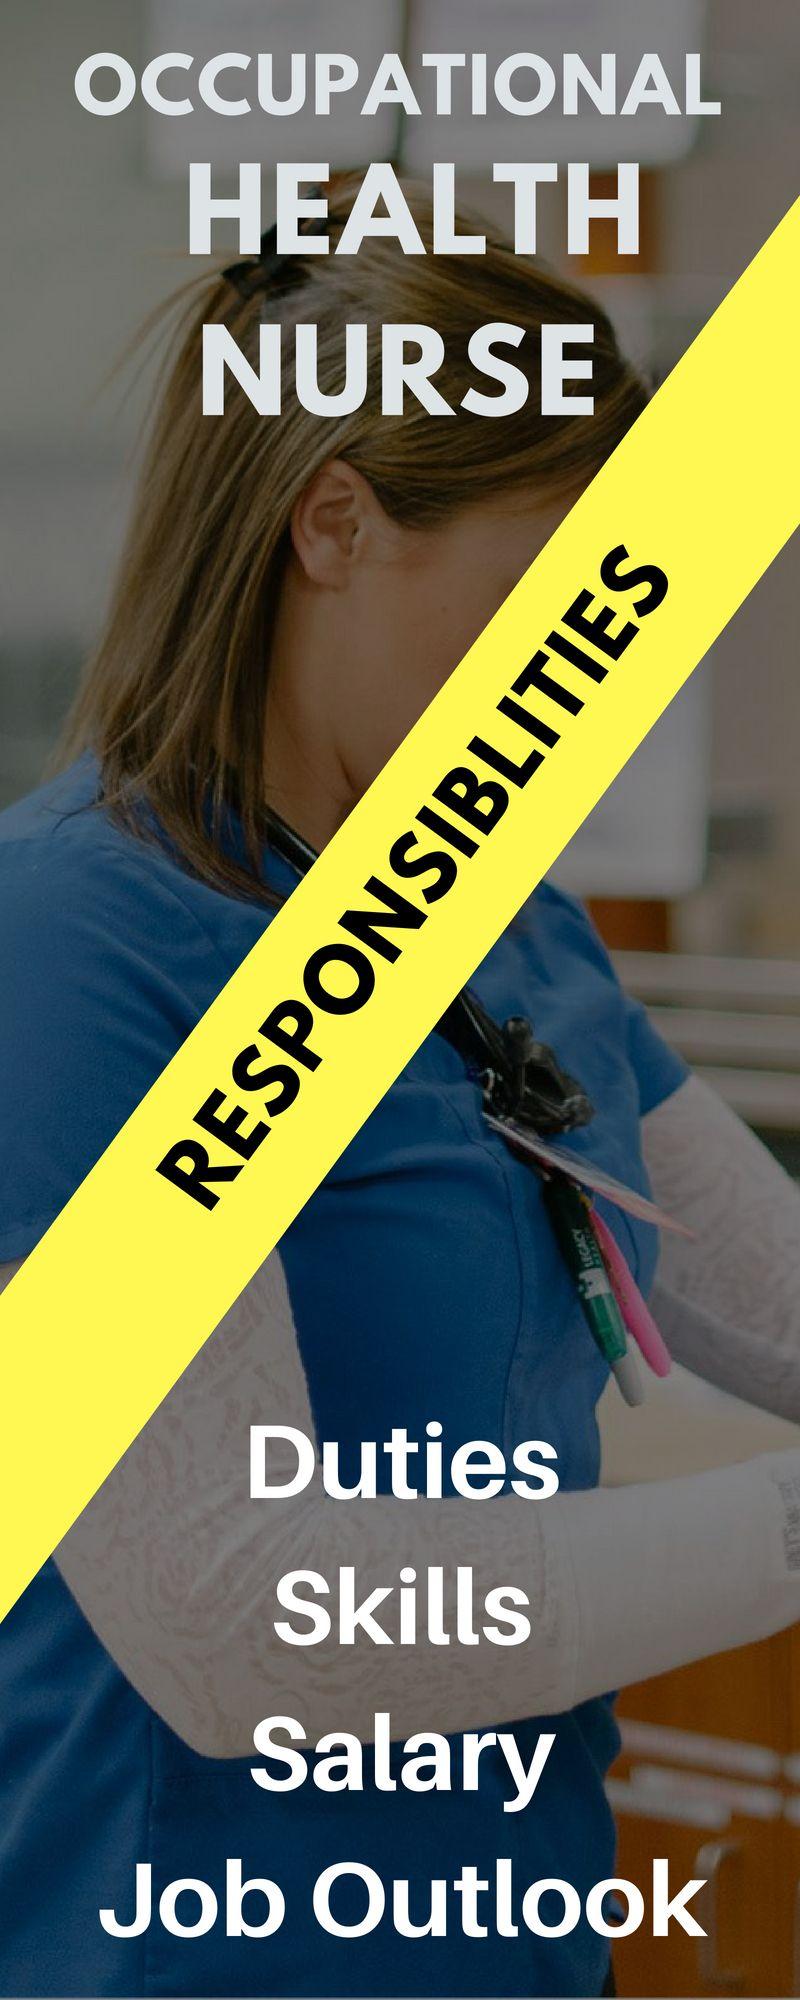 Occupational Health Nurse Salary, Job Description, and